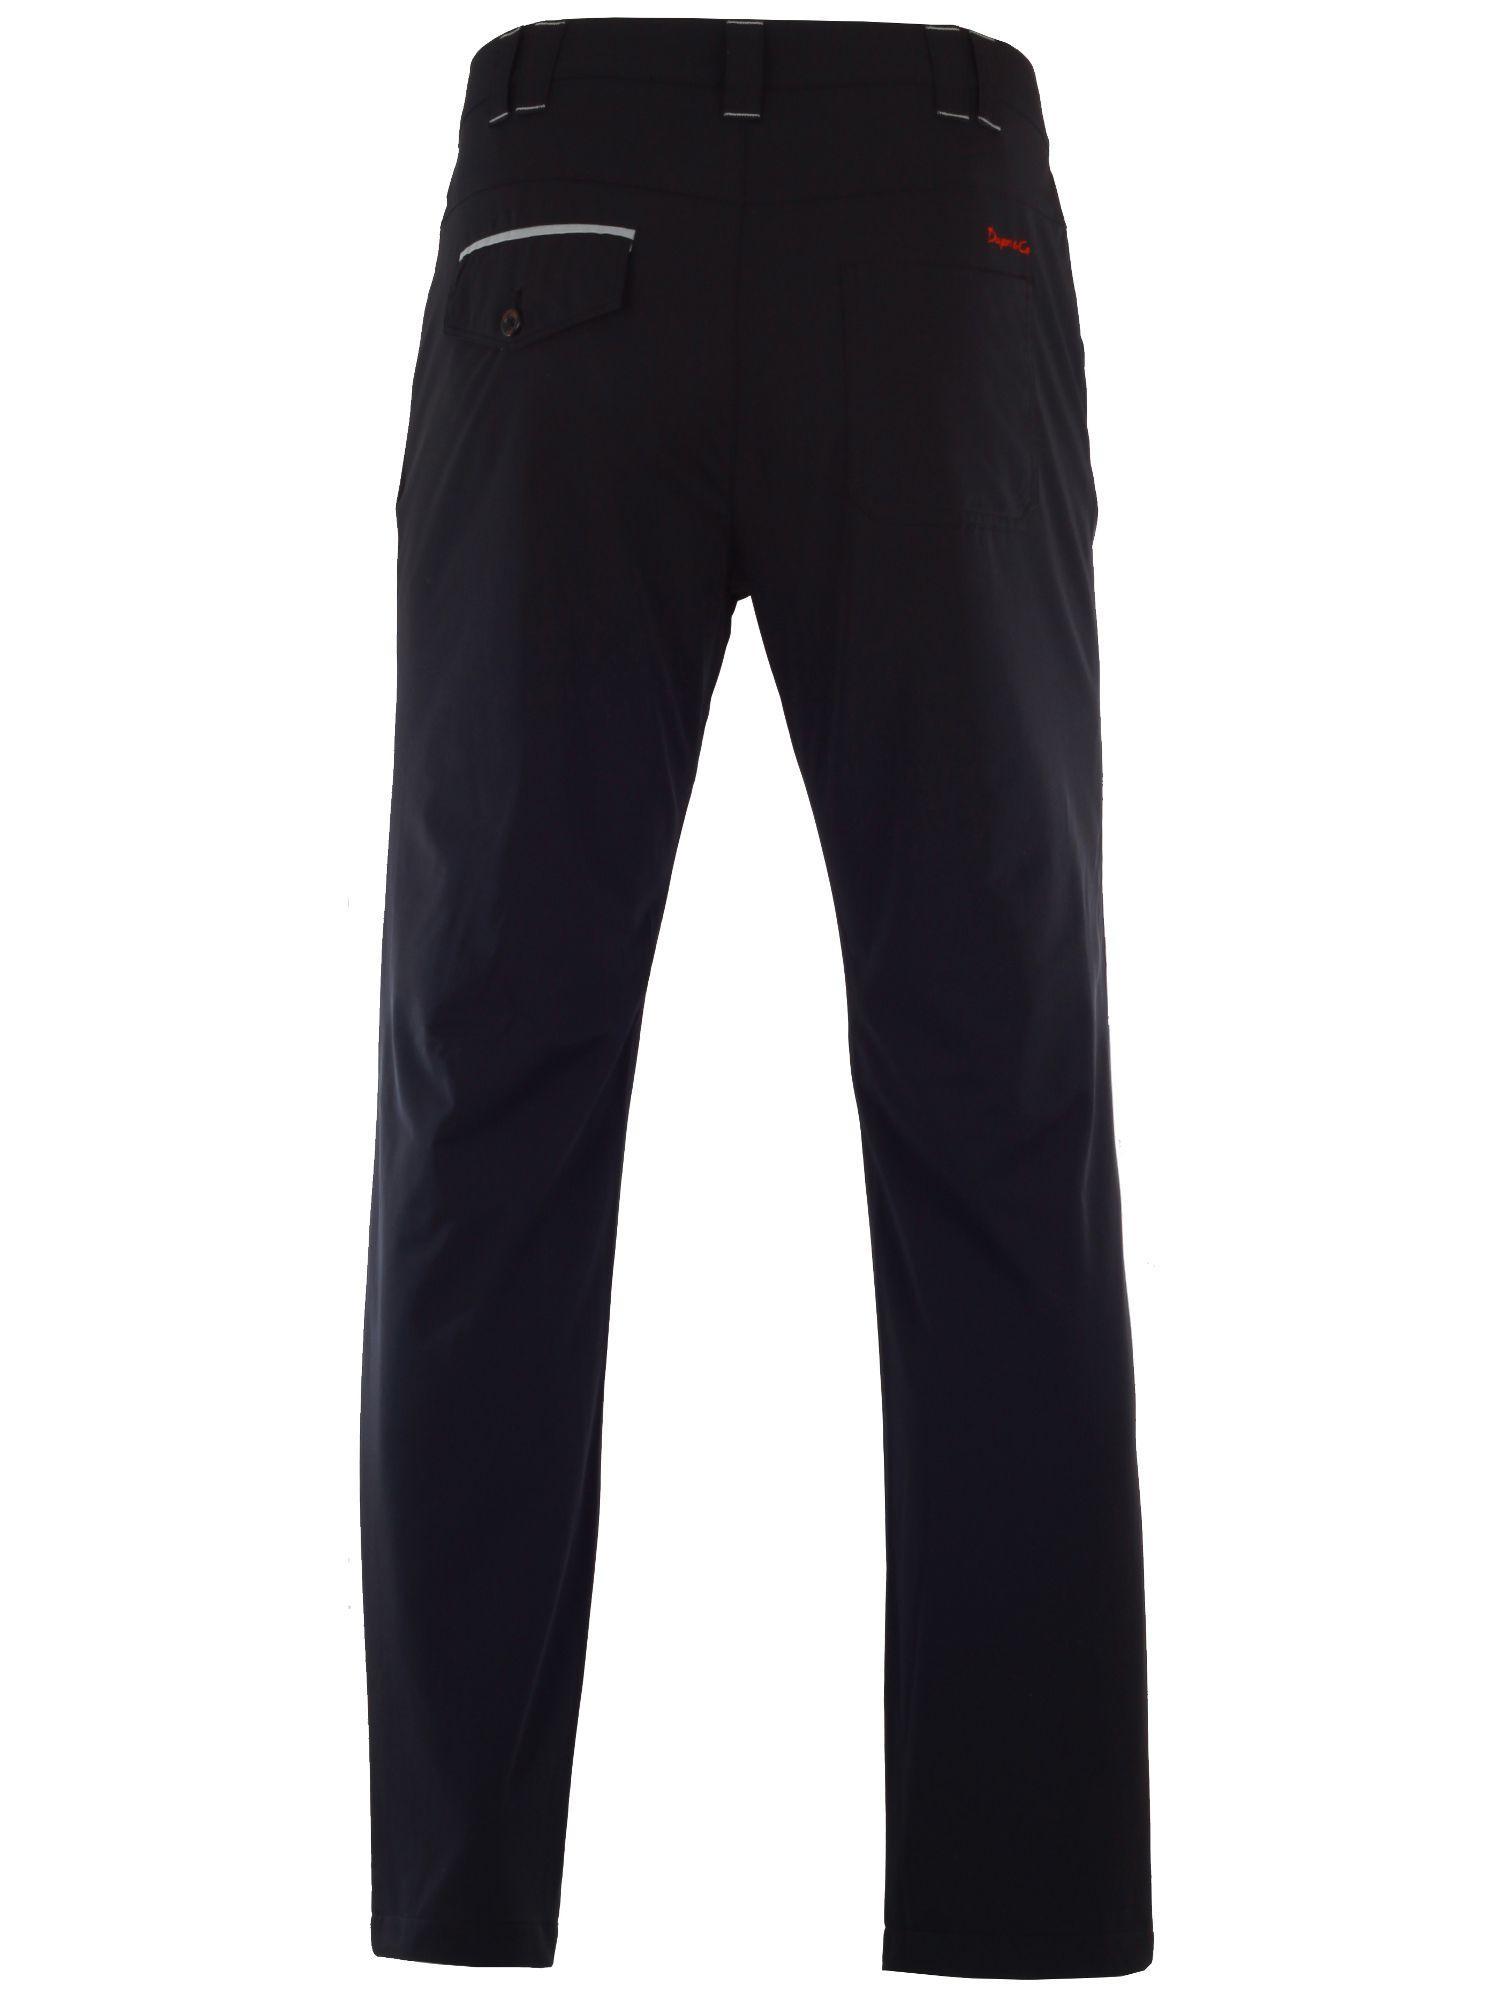 Dwyers & Co Motion Pro Fleece Lined Trouser in Black for Men